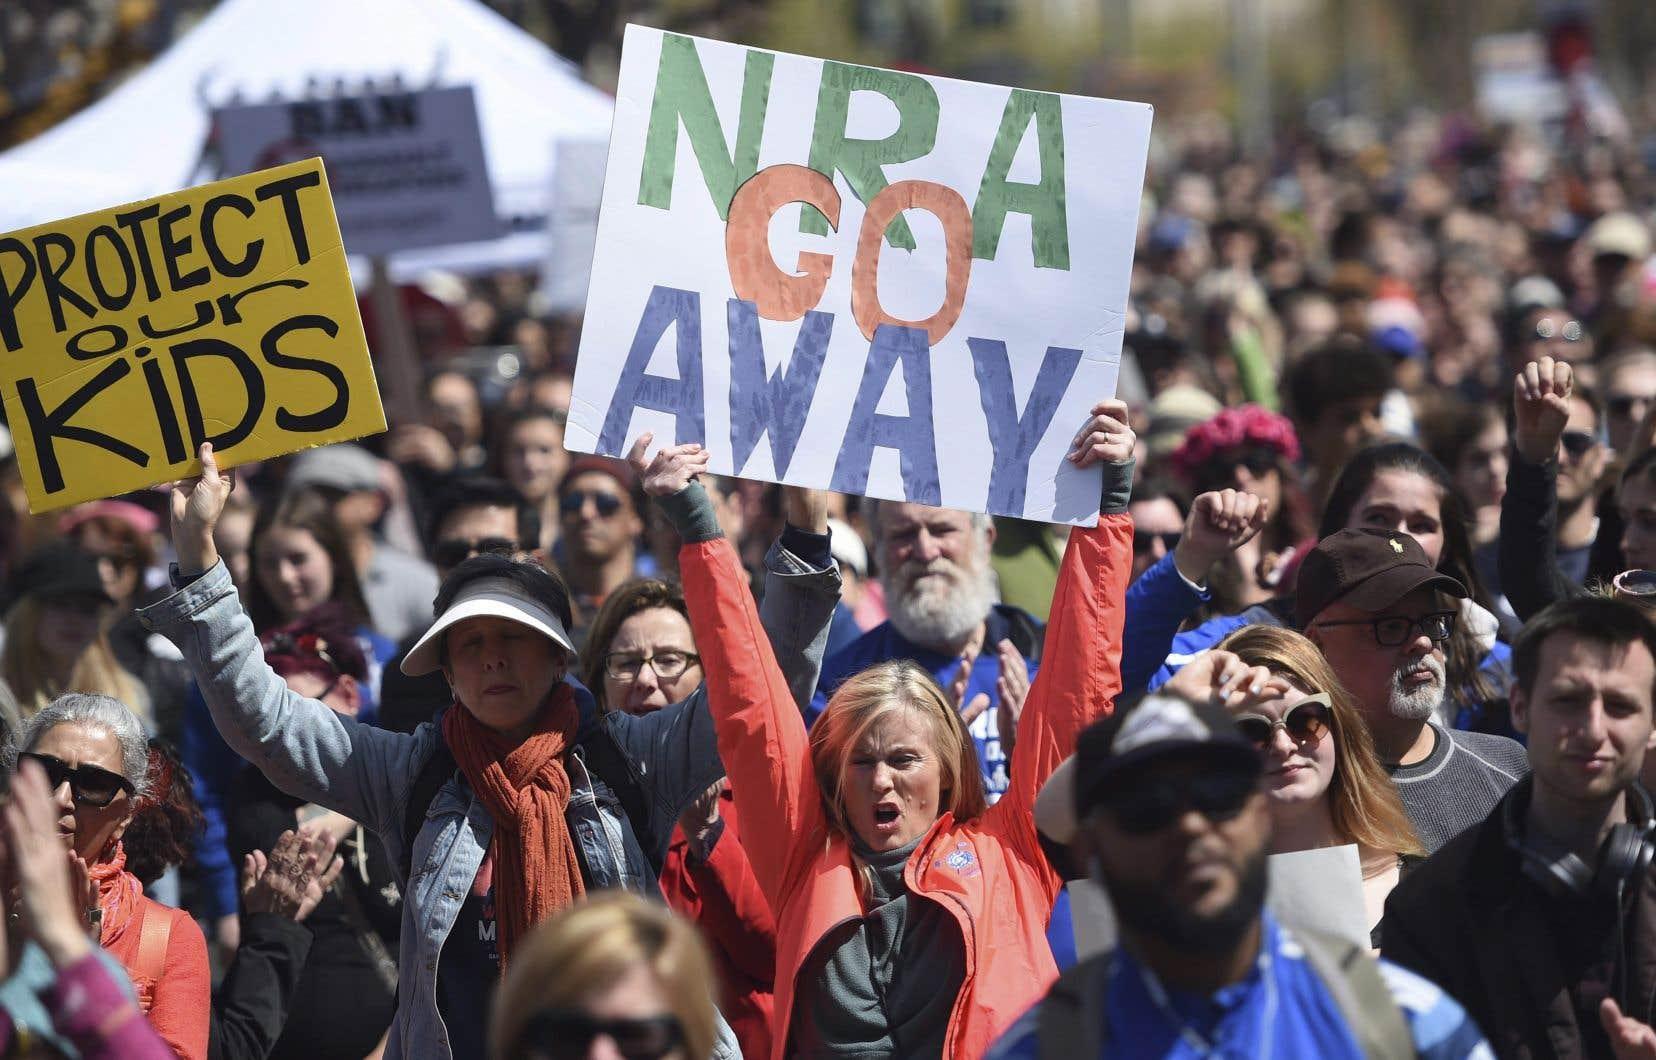 La multiplication des tueries de masse aux États-Unis met la NRA dans la ligne de mire d'un nombre croissant d'États, de gouvernements locaux et d'entreprises depuis le début de l'année.